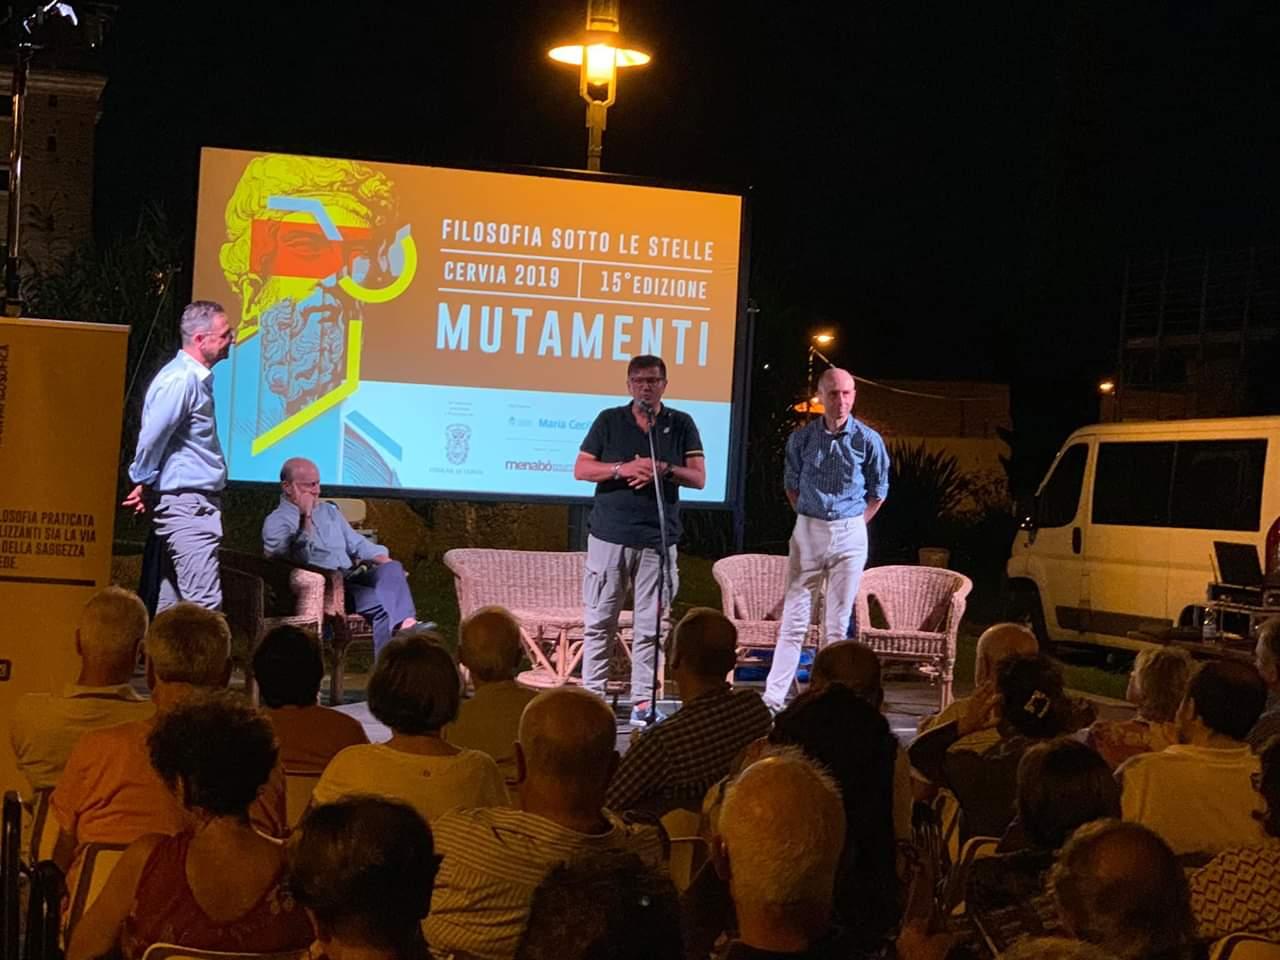 Presidente Agenda Filosofica Alberto Donati - intervento